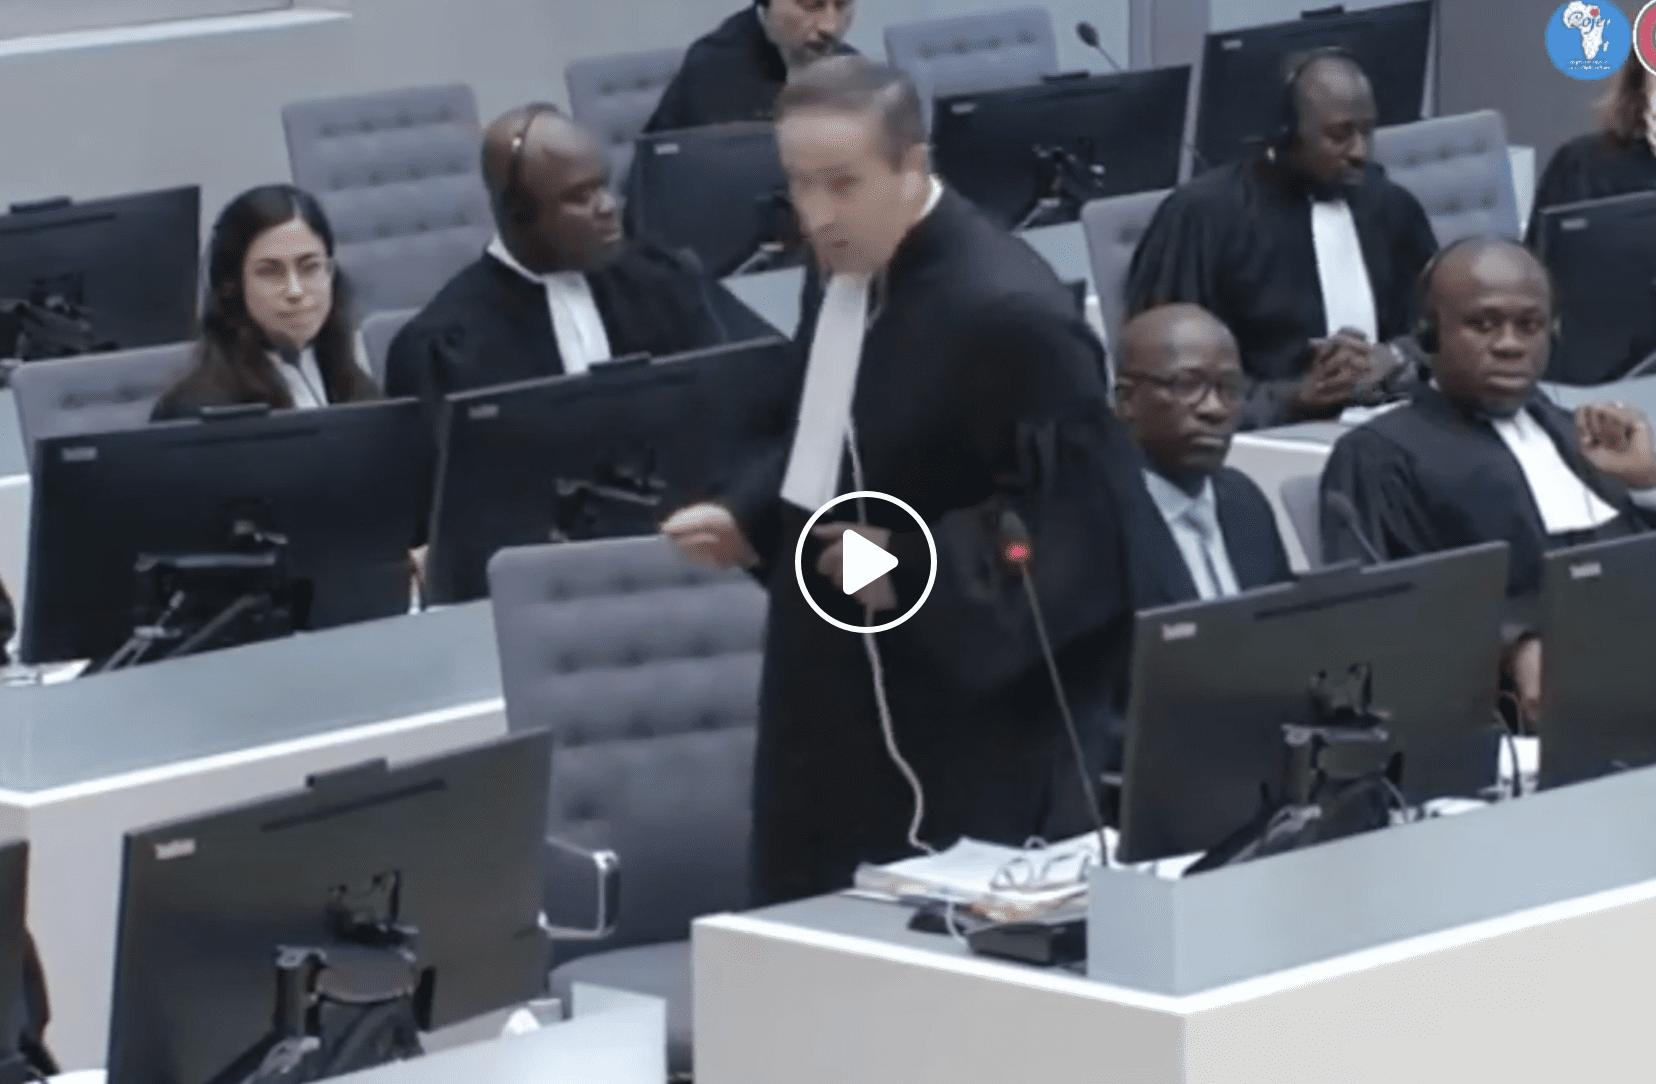 URGENT / Suivez en direct le procès de Laurent Gbagbo et Charles Blé Goude